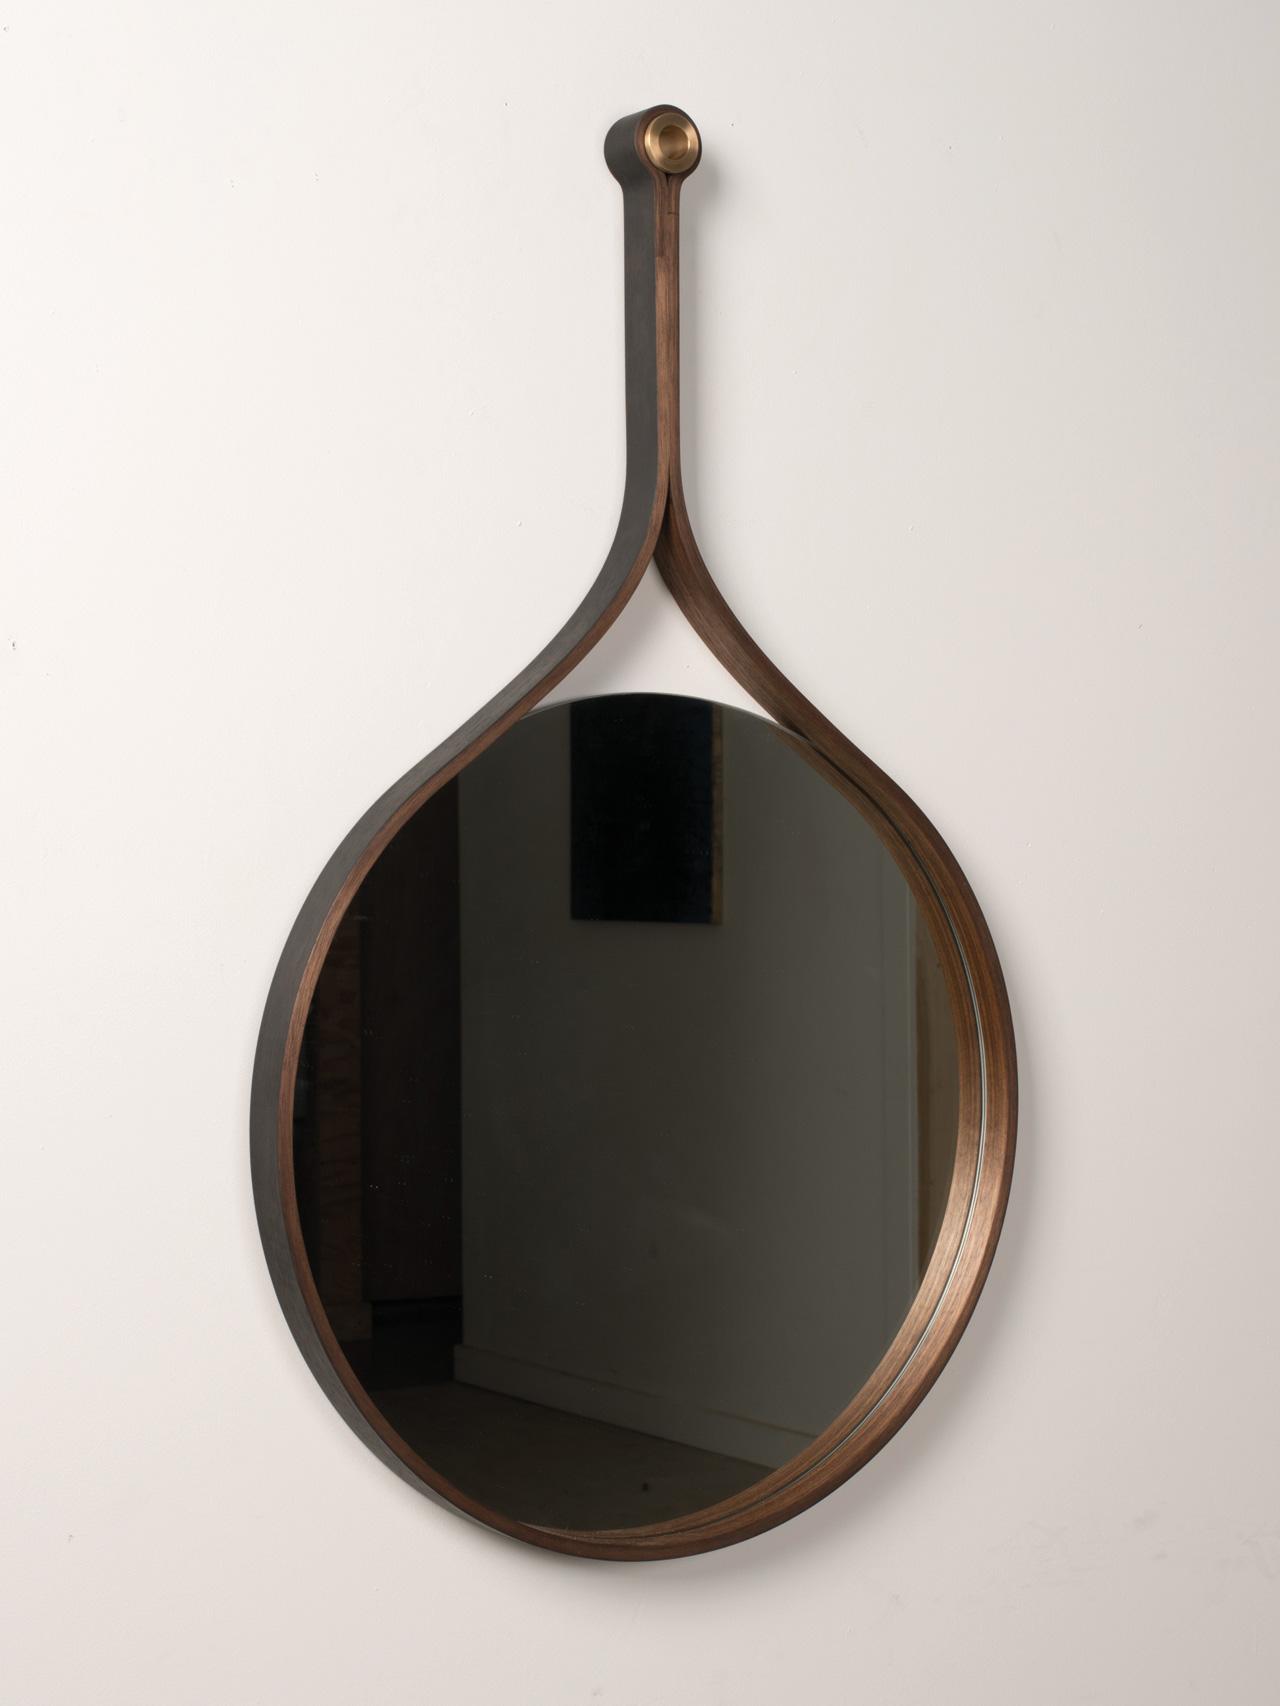 Loop mirror by Harold